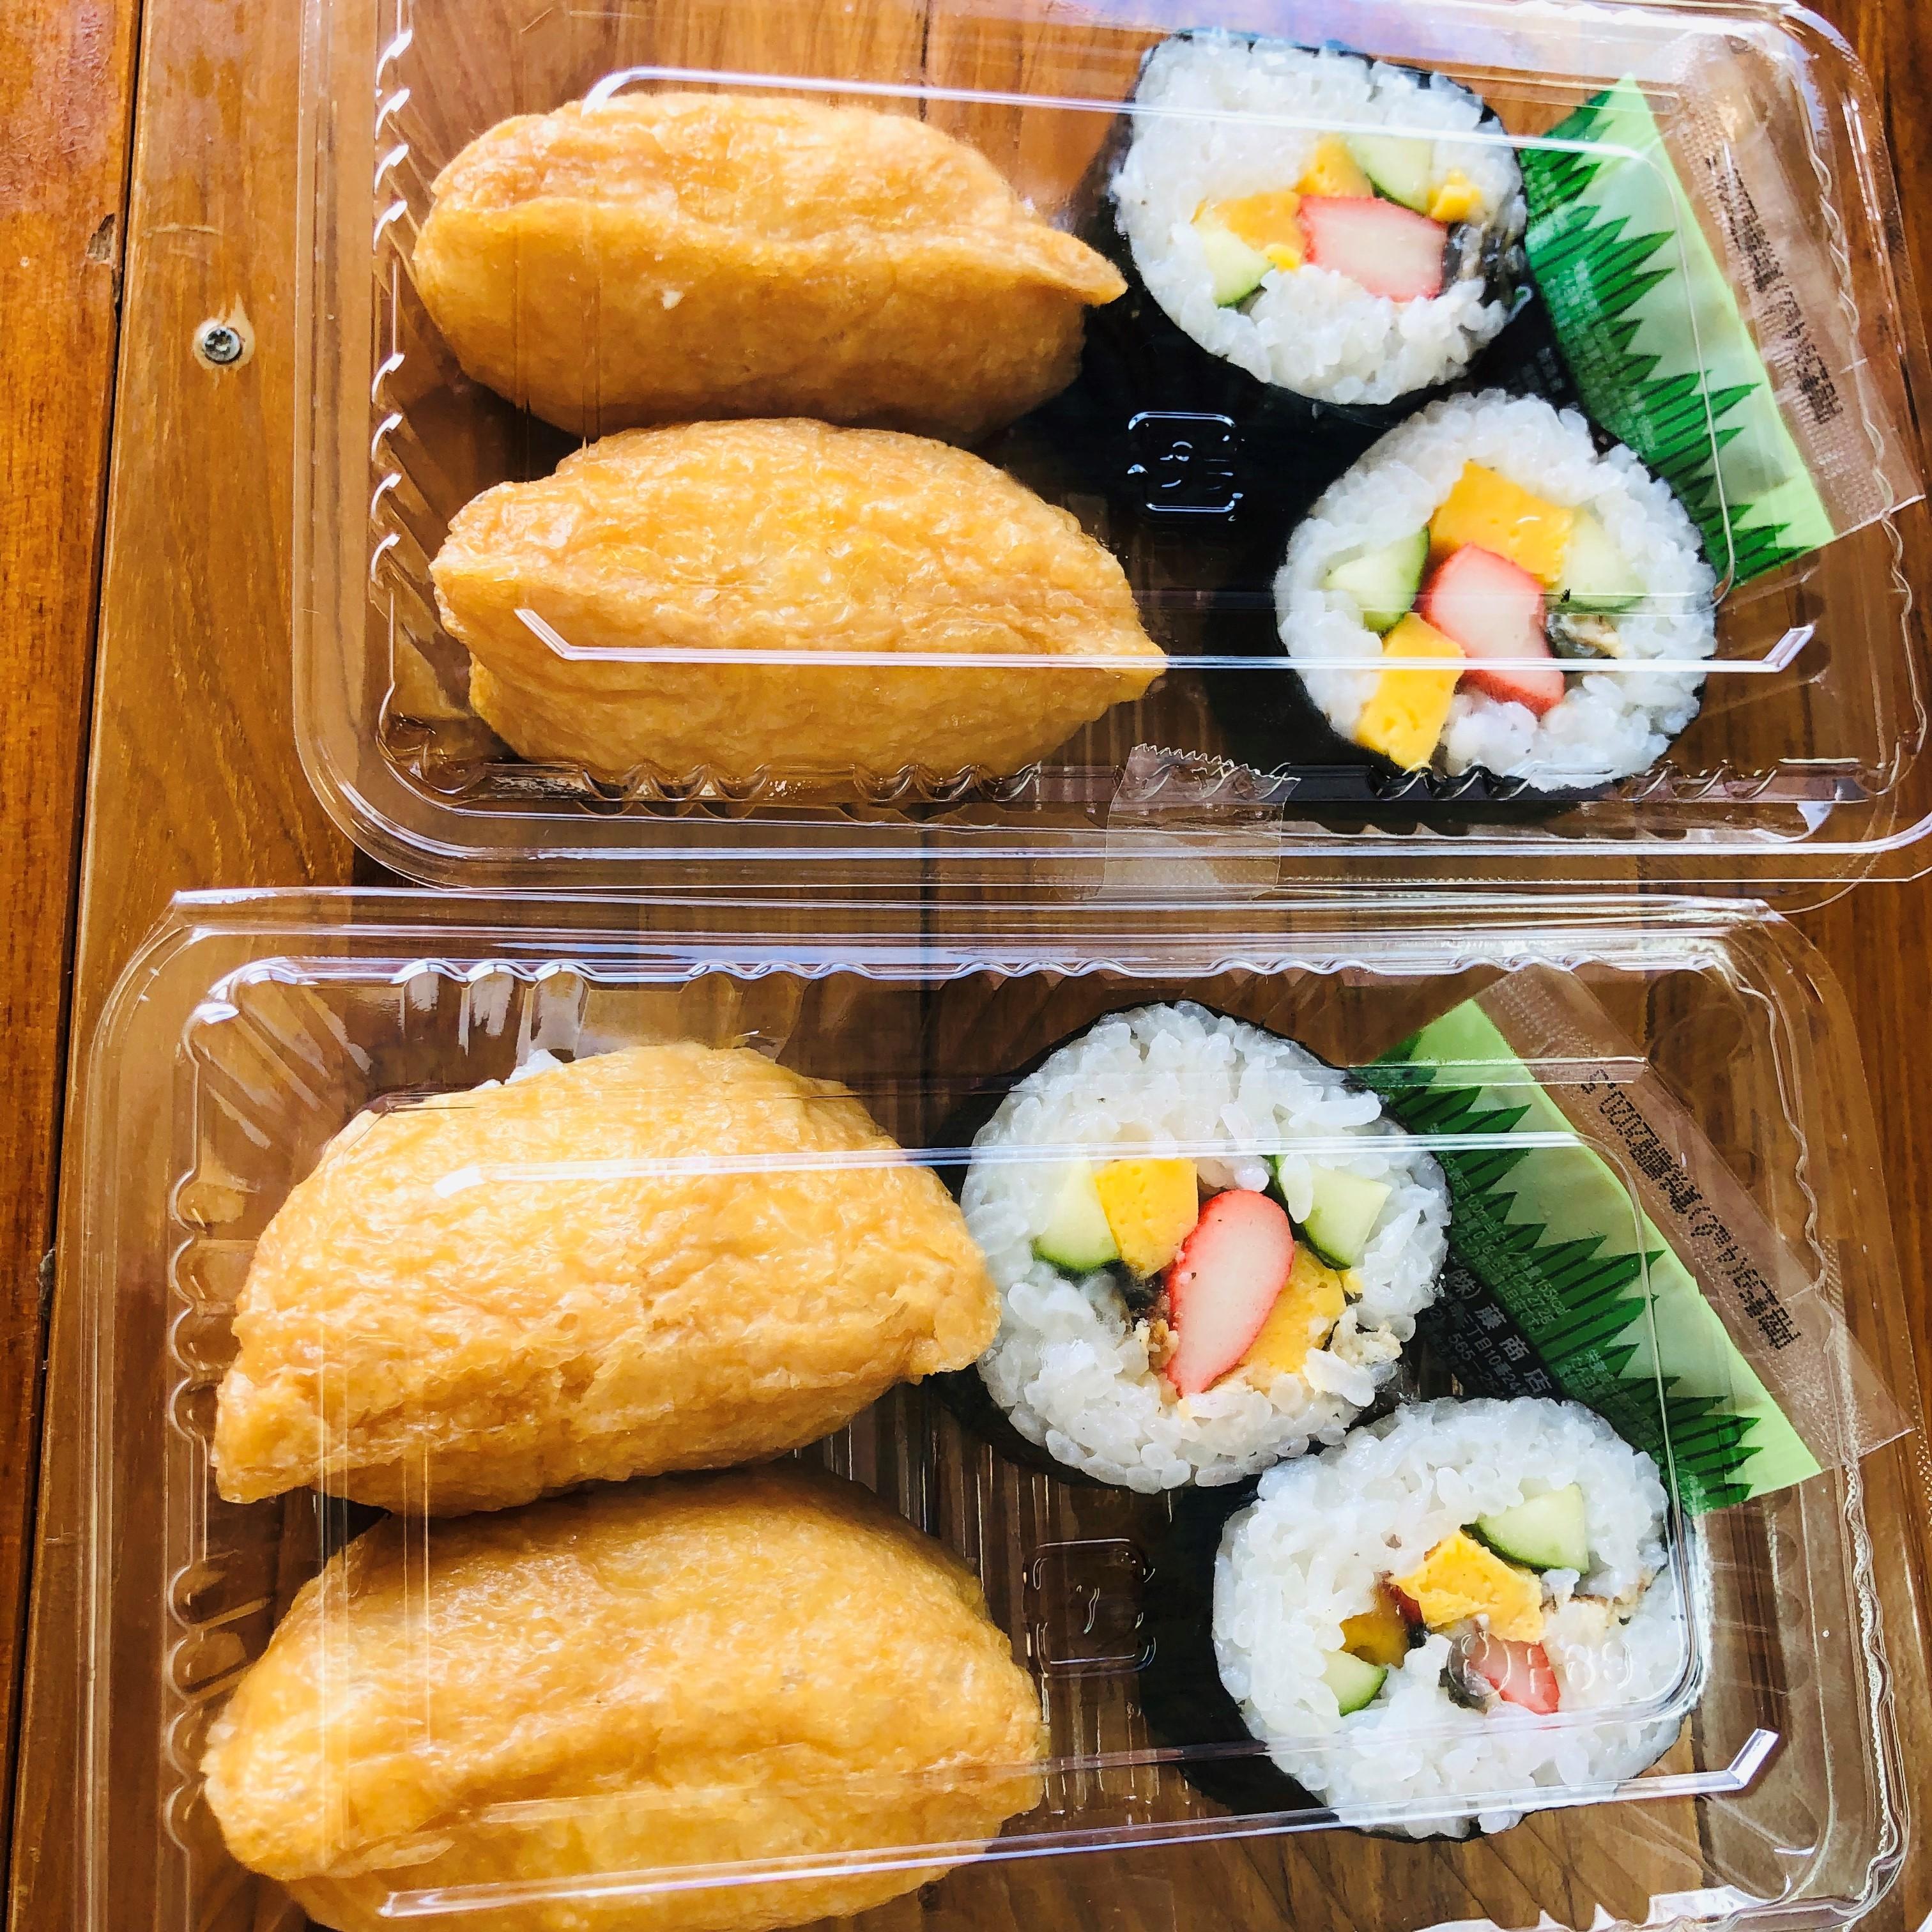 巻き寿司とおいなりさんのお持ち帰りセット